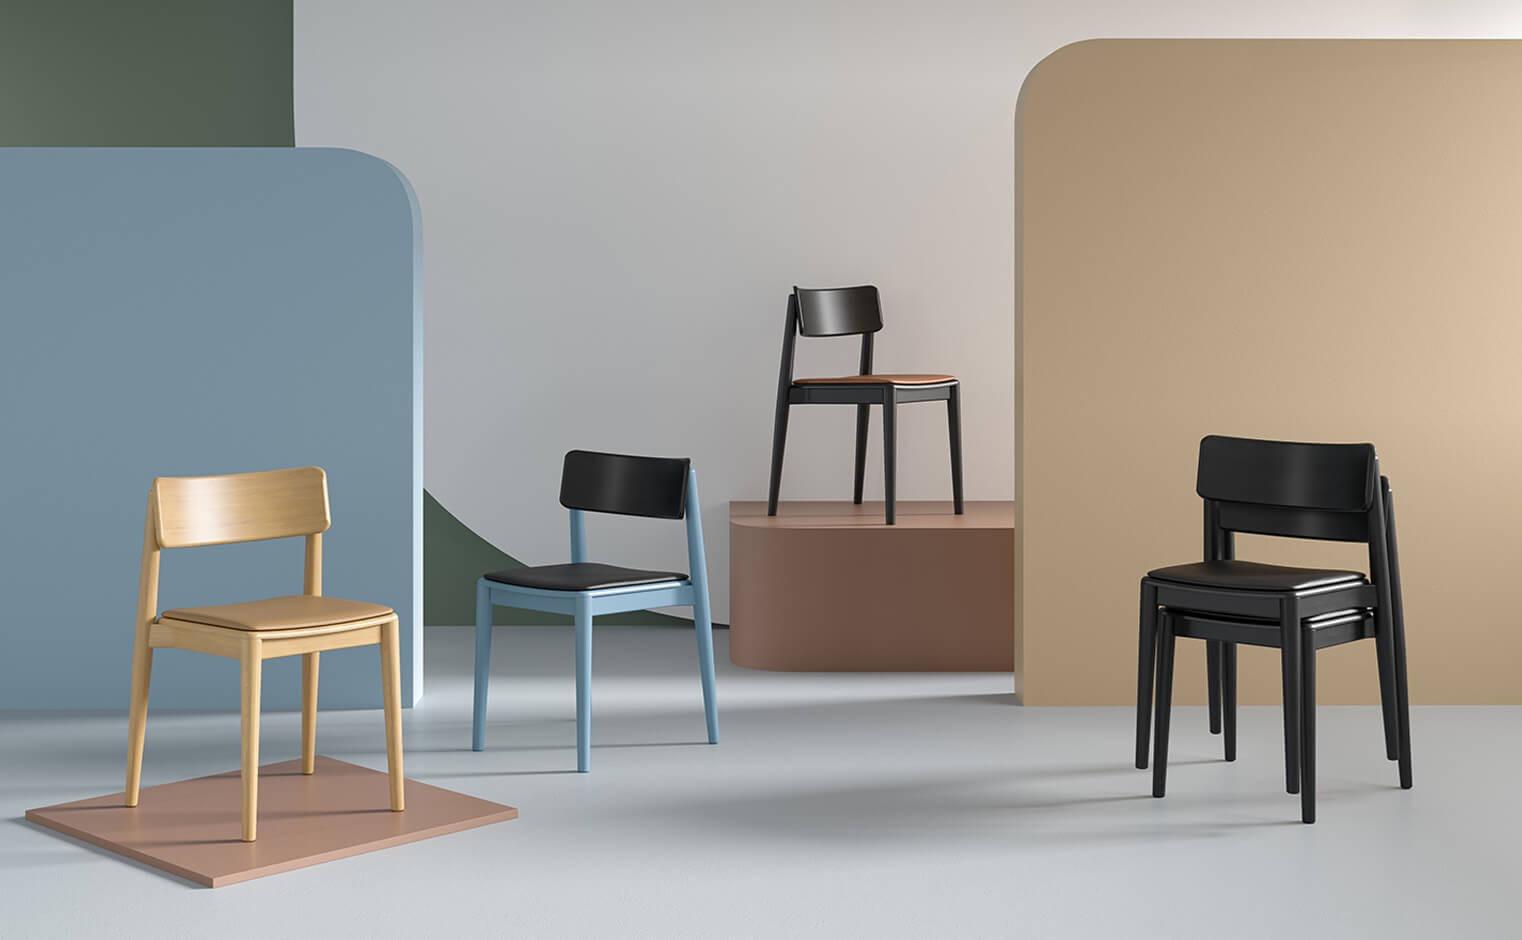 krzeslo-drewniane-nowoczesne-tapicerowan